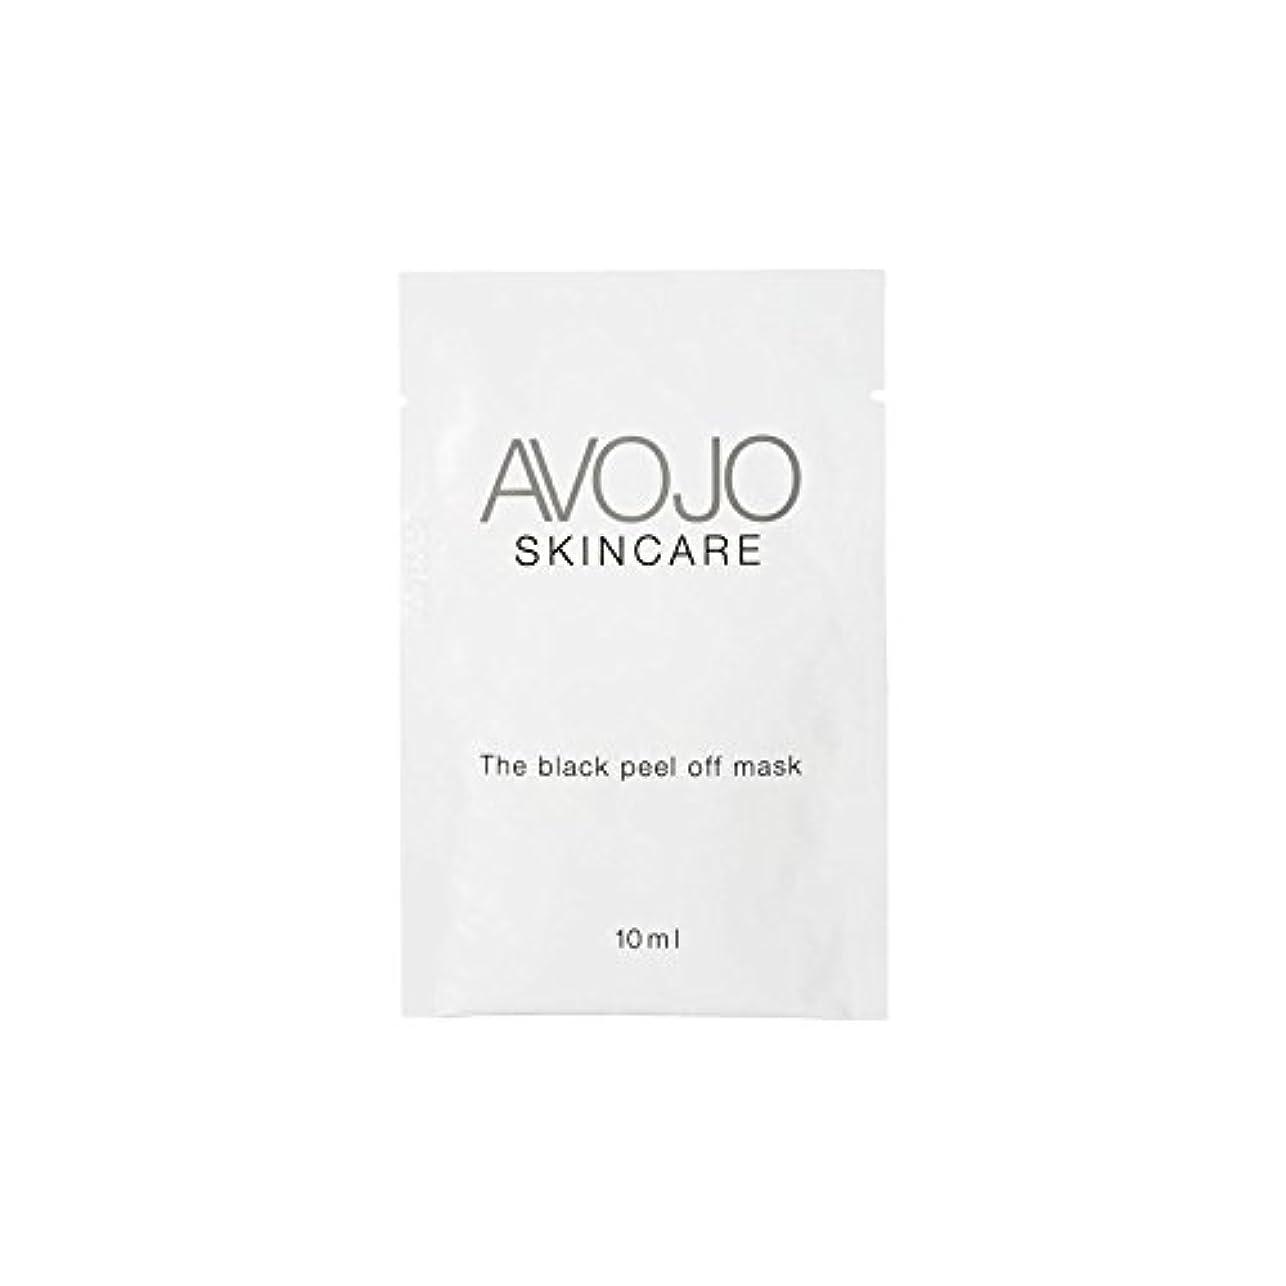 知る調べる船員Avojo - The Black Peel Off Mask - Sachet (10ml X 4) (Pack of 6) - - ブラックピールオフマスク - 小袋(10ミリリットル×4) x6 [並行輸入品]